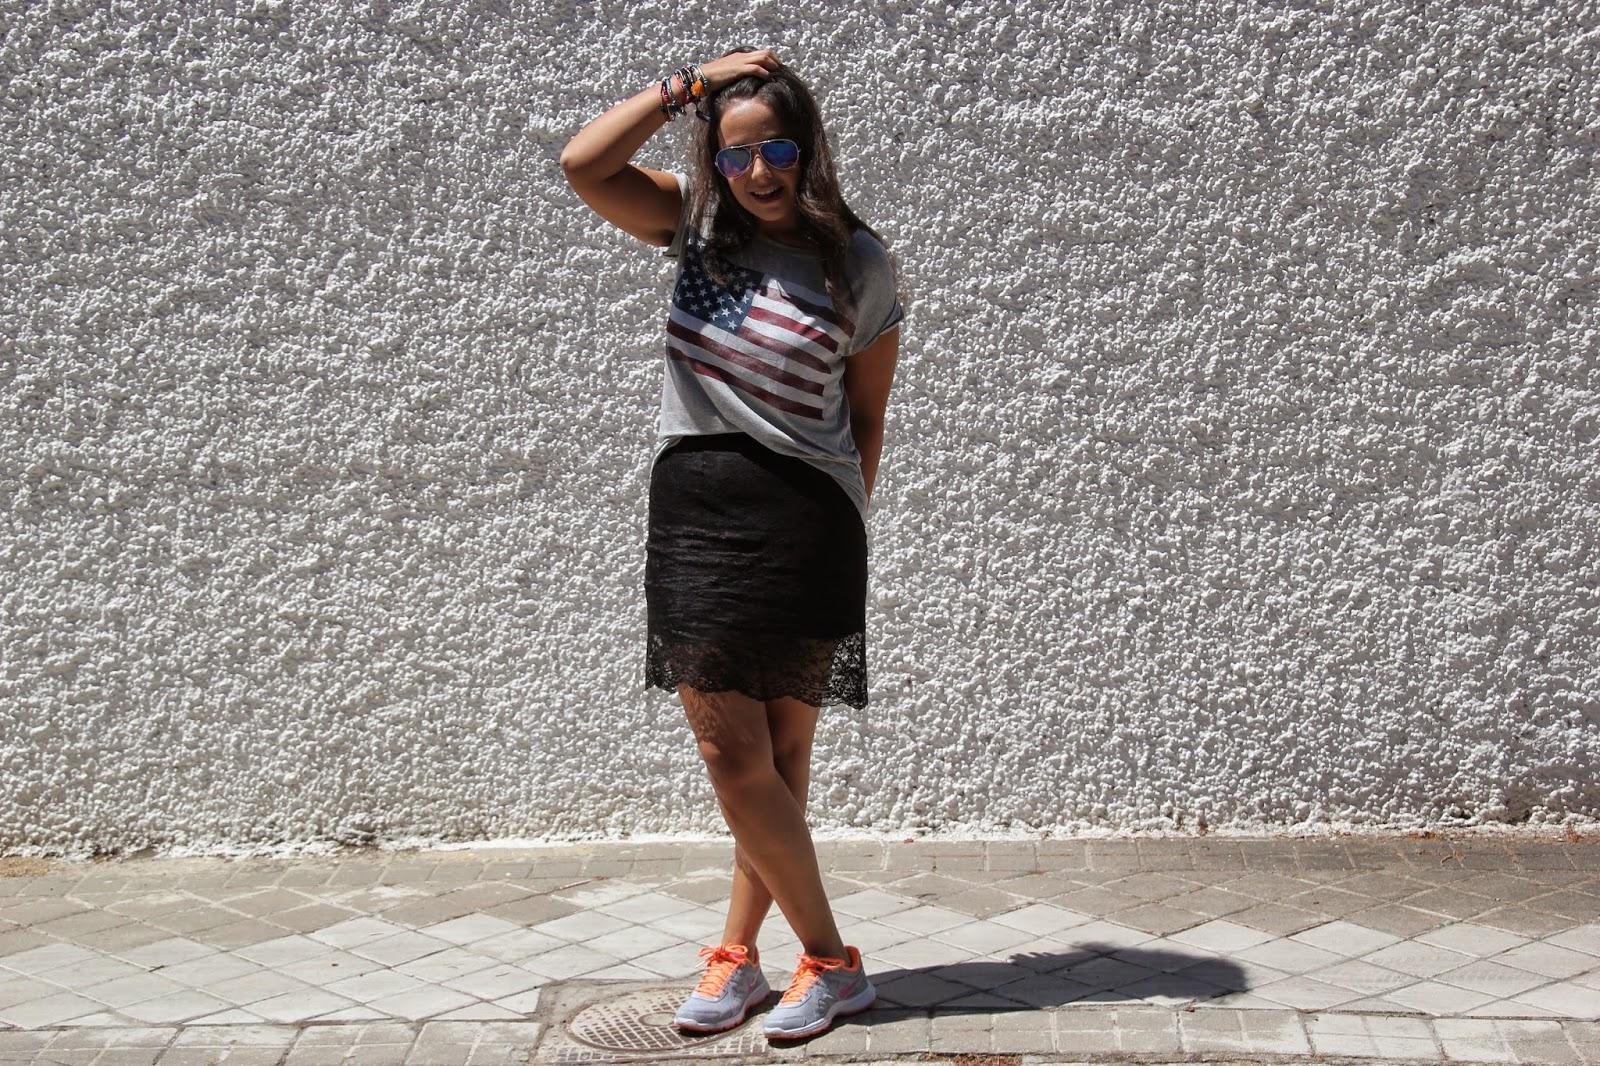 DIY Costura: Falda lencera o falda de encaje con patrones y moldes gratis. Blog de costura y blog diy.